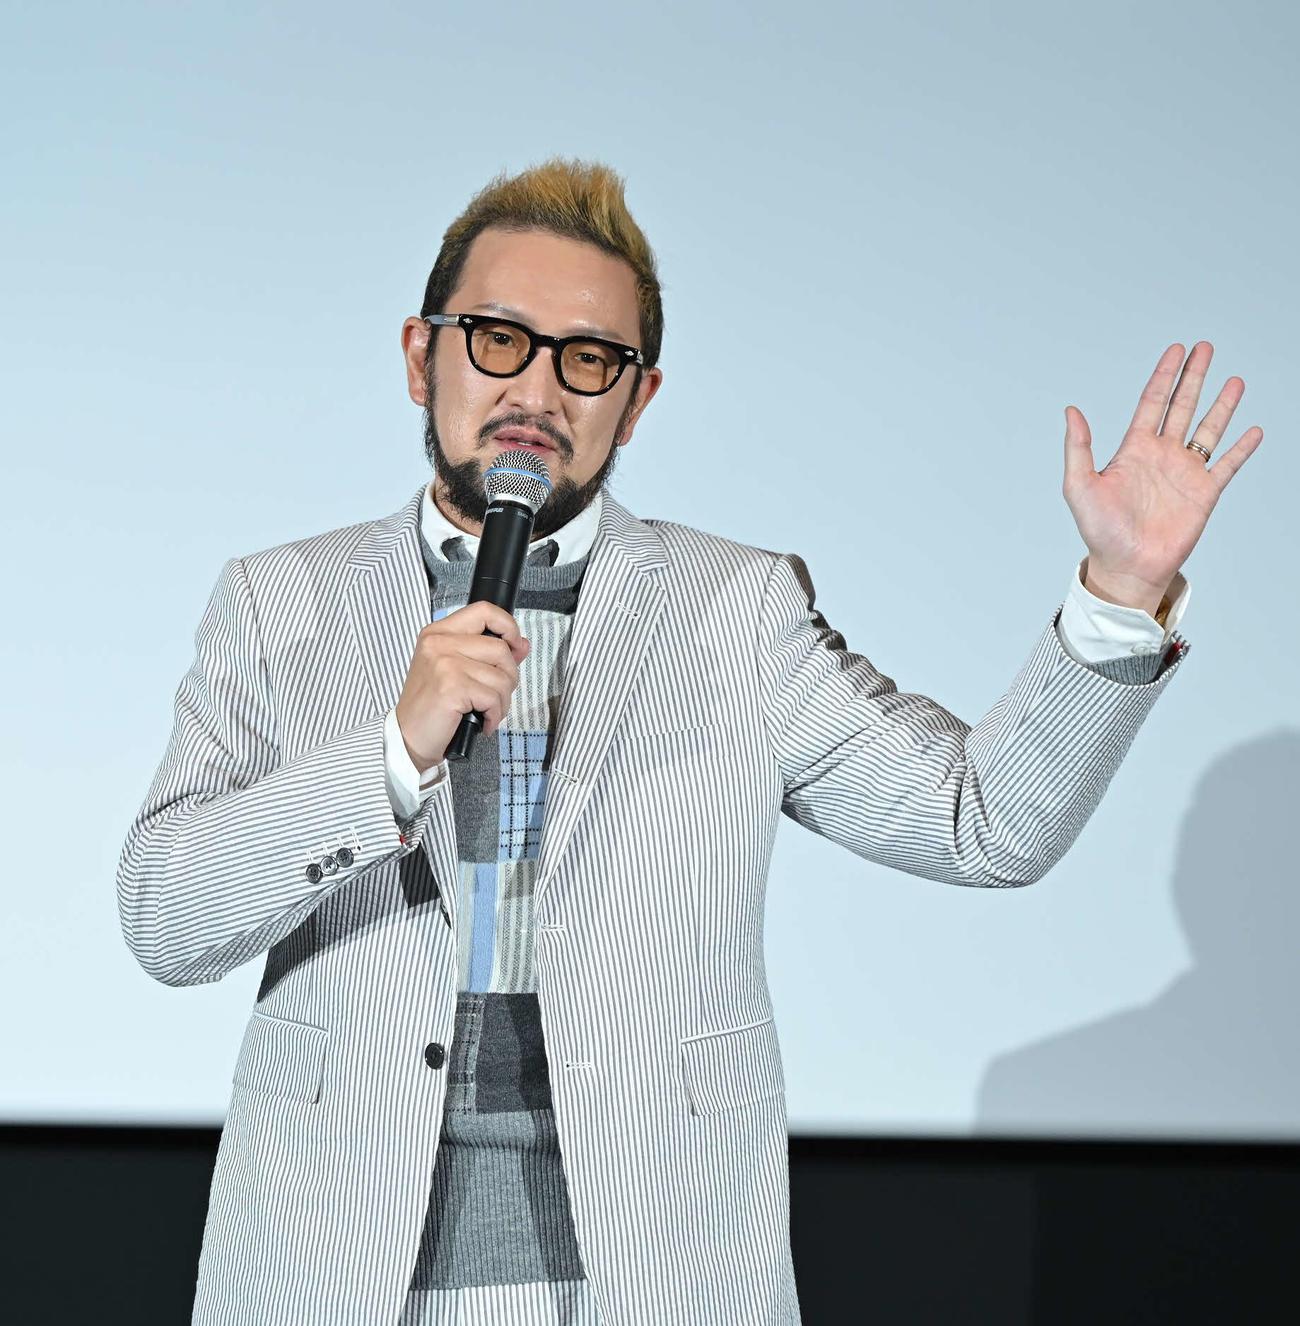 中村獅童、日本初導入3面ライブスクリーンお披露目「超歌舞伎がはしり」